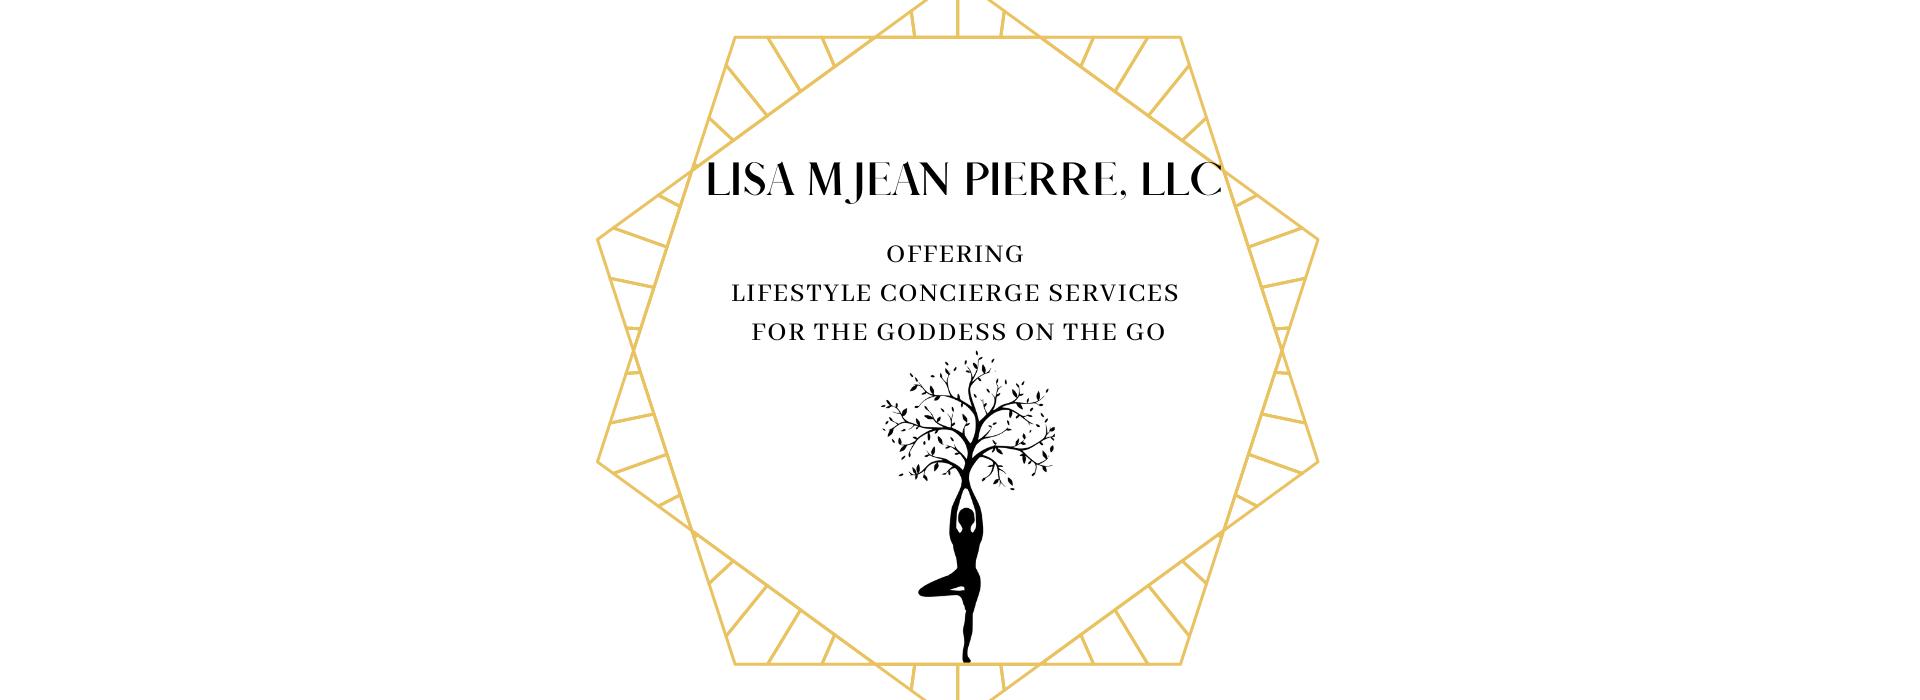 Lisa M Jean-Pierre, LLC